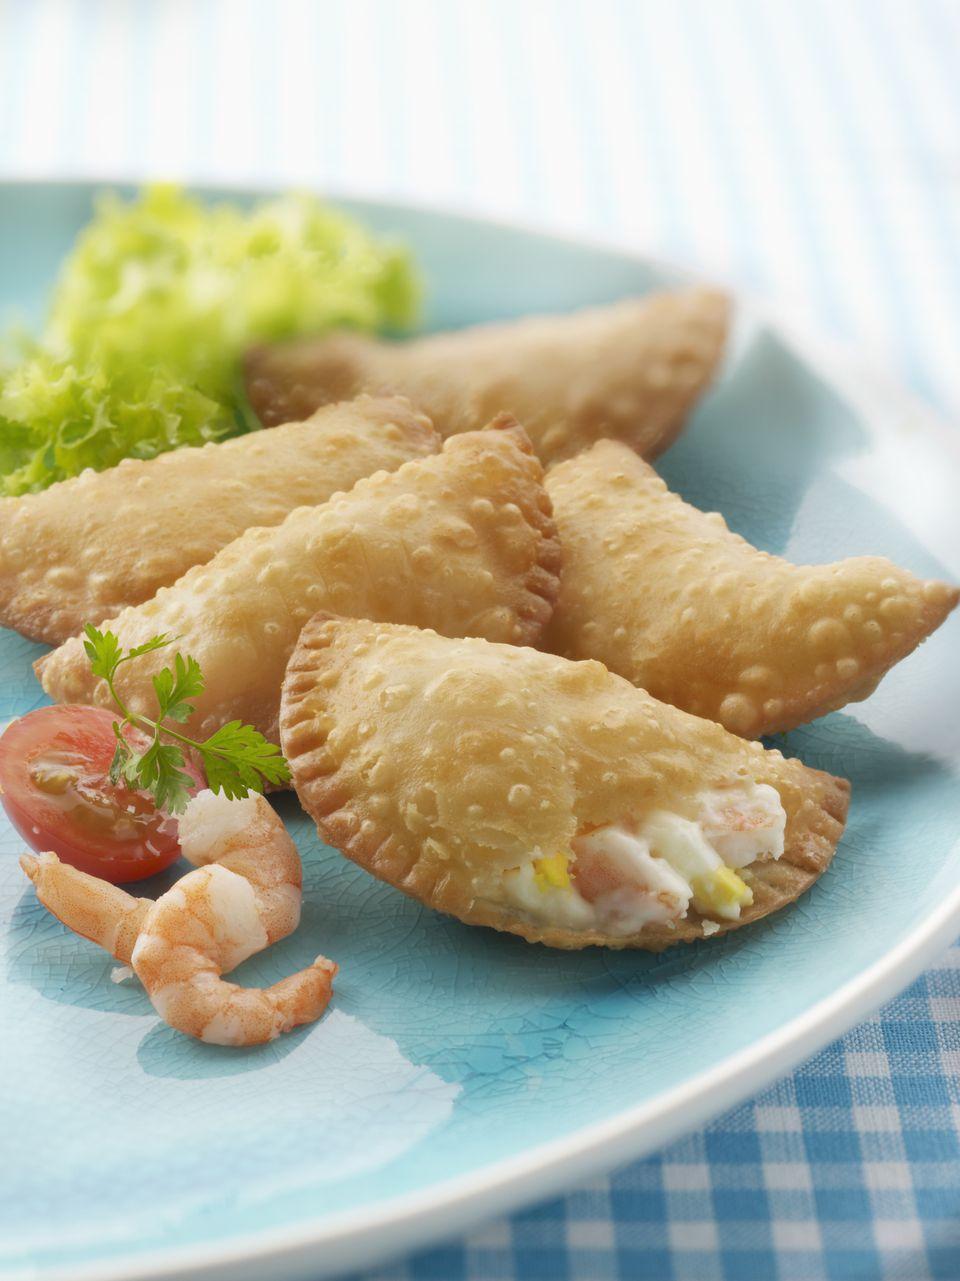 Shrimp empanadas